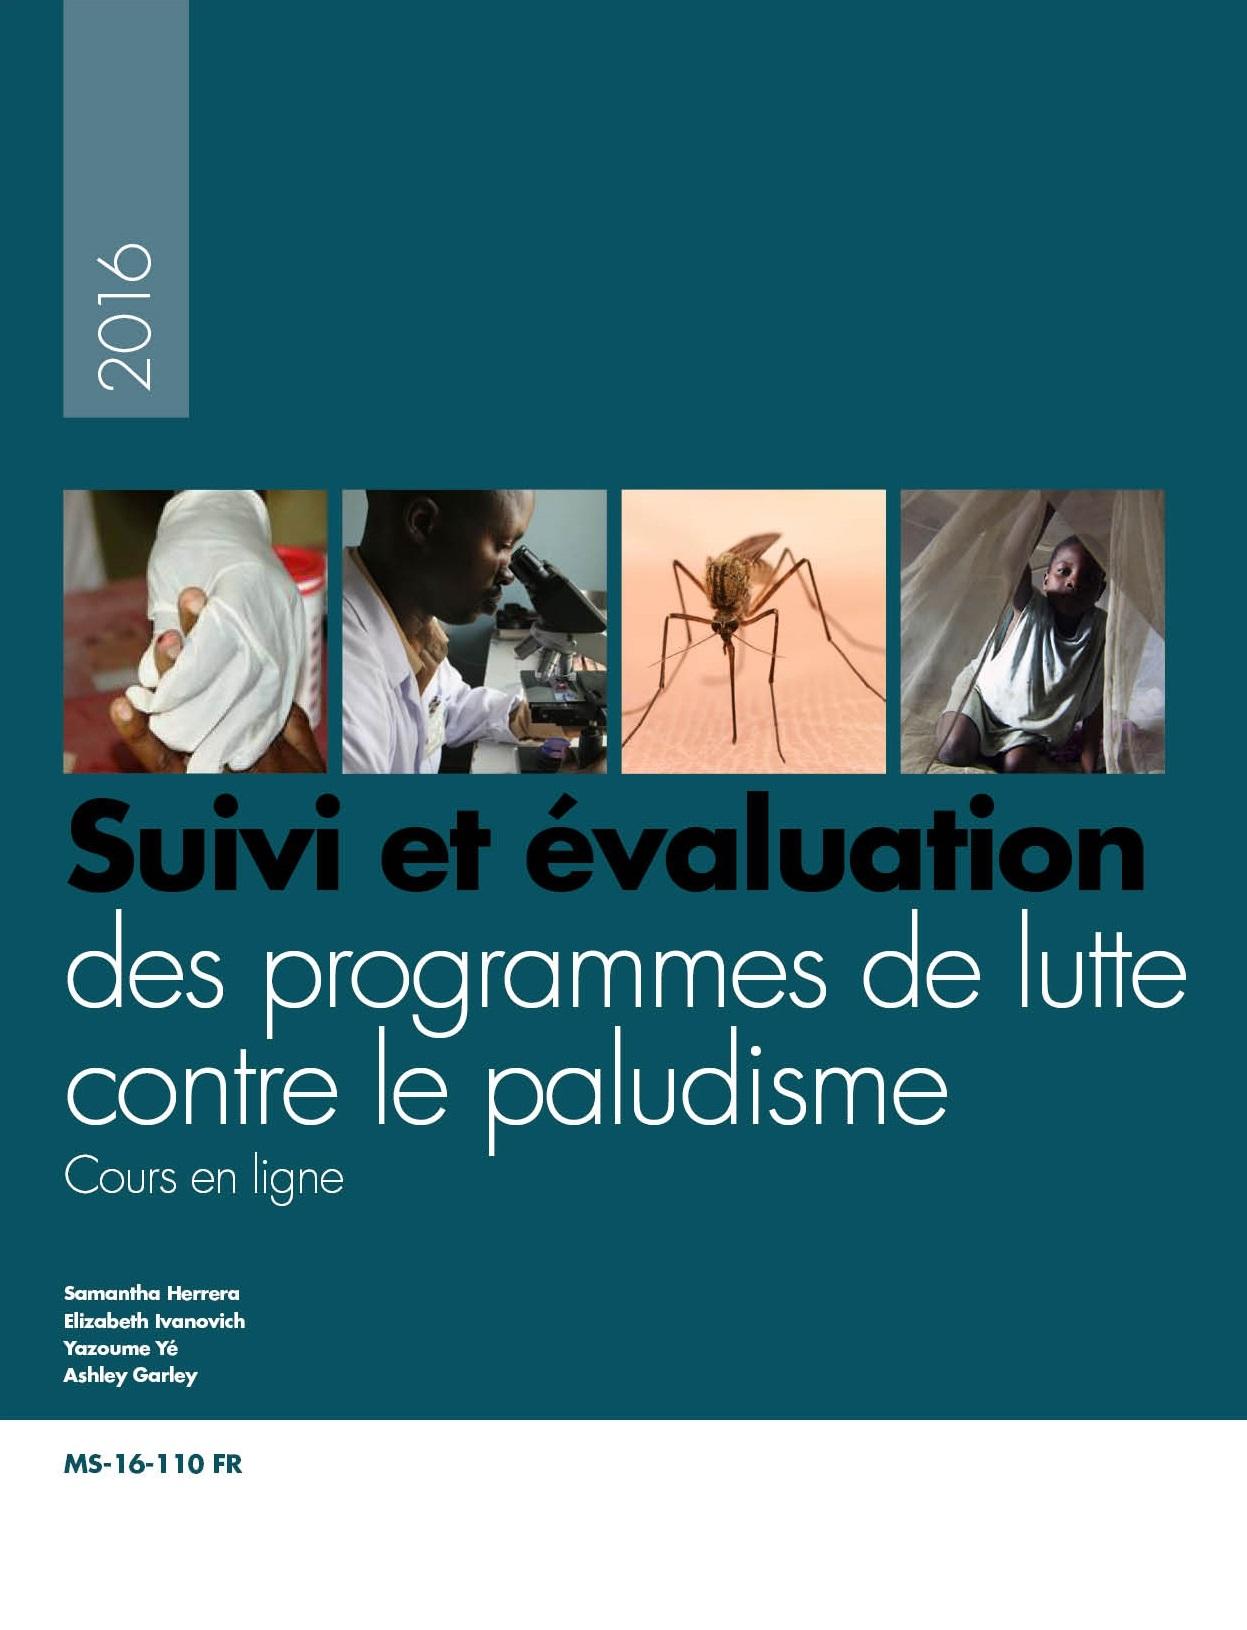 Suivi et évaluation des programmes de lutte contre le paludisme – Cours en ligne